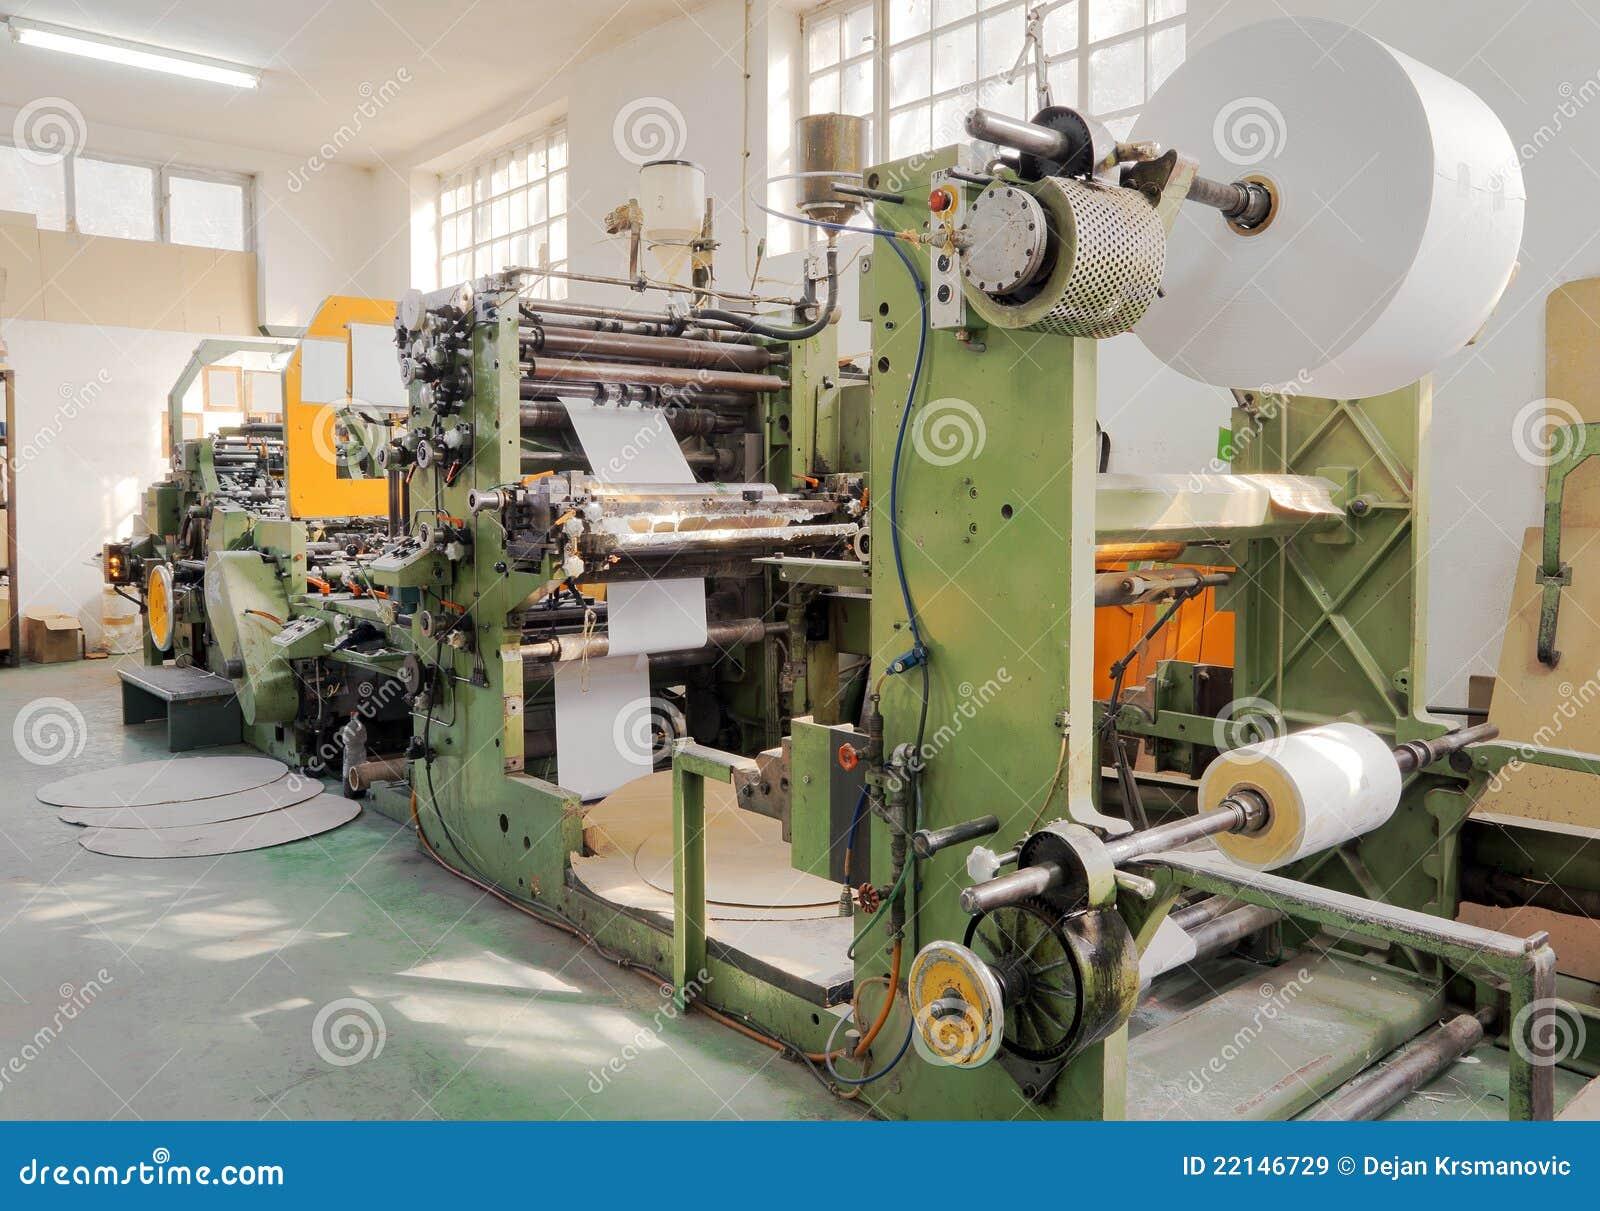 Druckenmaschine